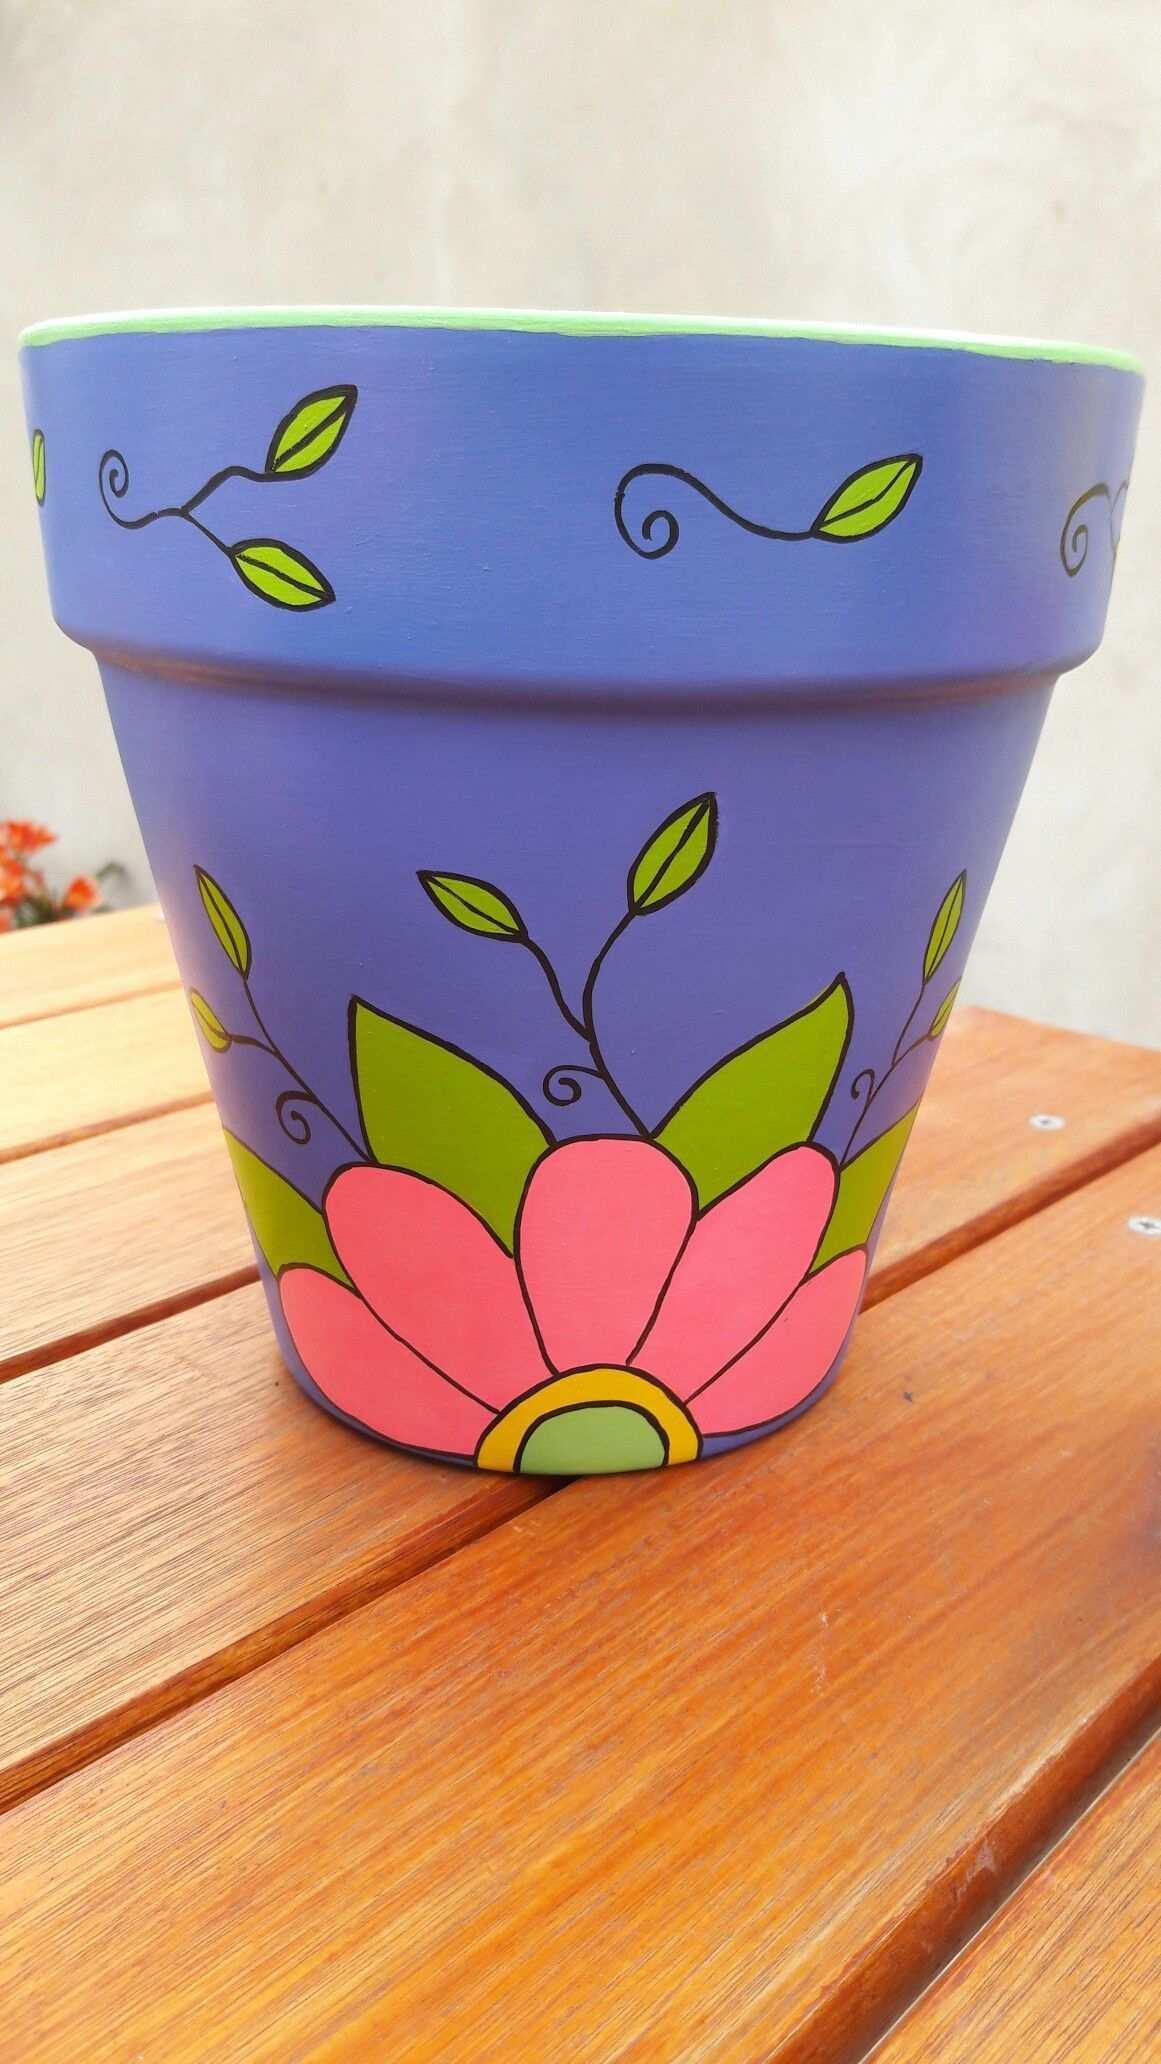 Pin Von Bonnie Gritsch Auf Blumentopf In 2020 Dekorierte Blumentopfe Blumentopfe Streichen Kleine Blumentopfe